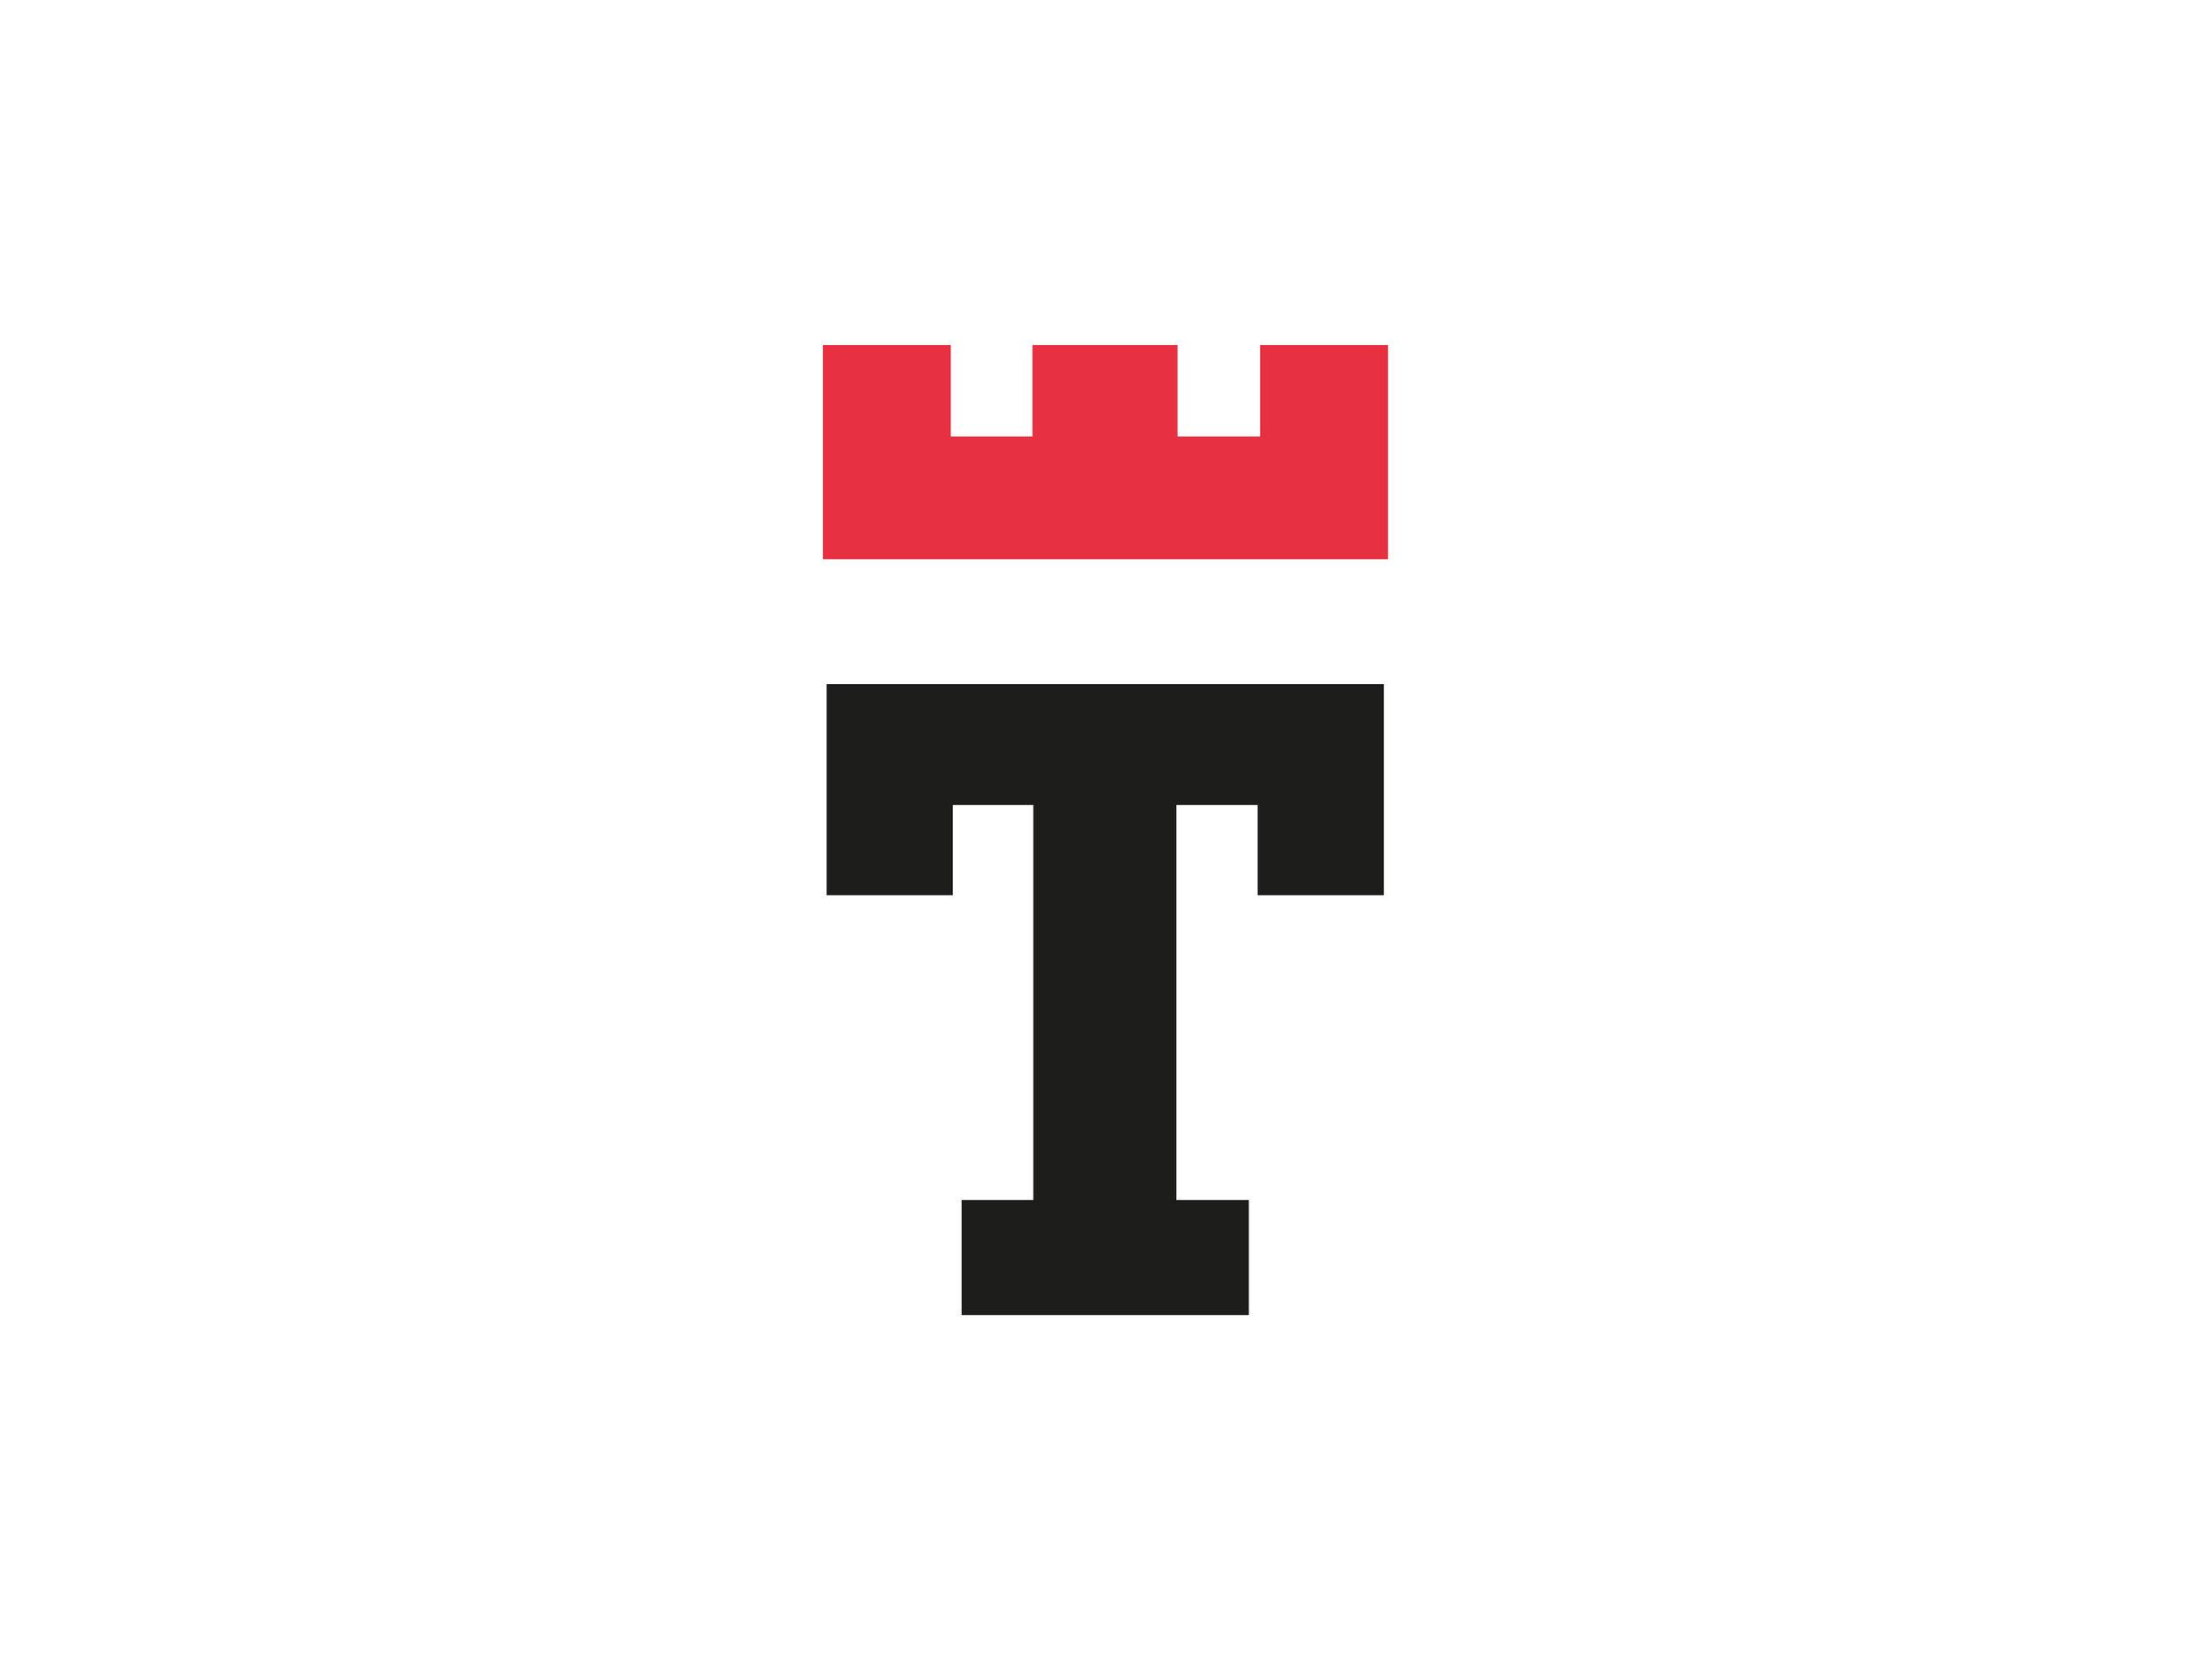 Visit-tones-for-left-bridge-logo-f.jpg